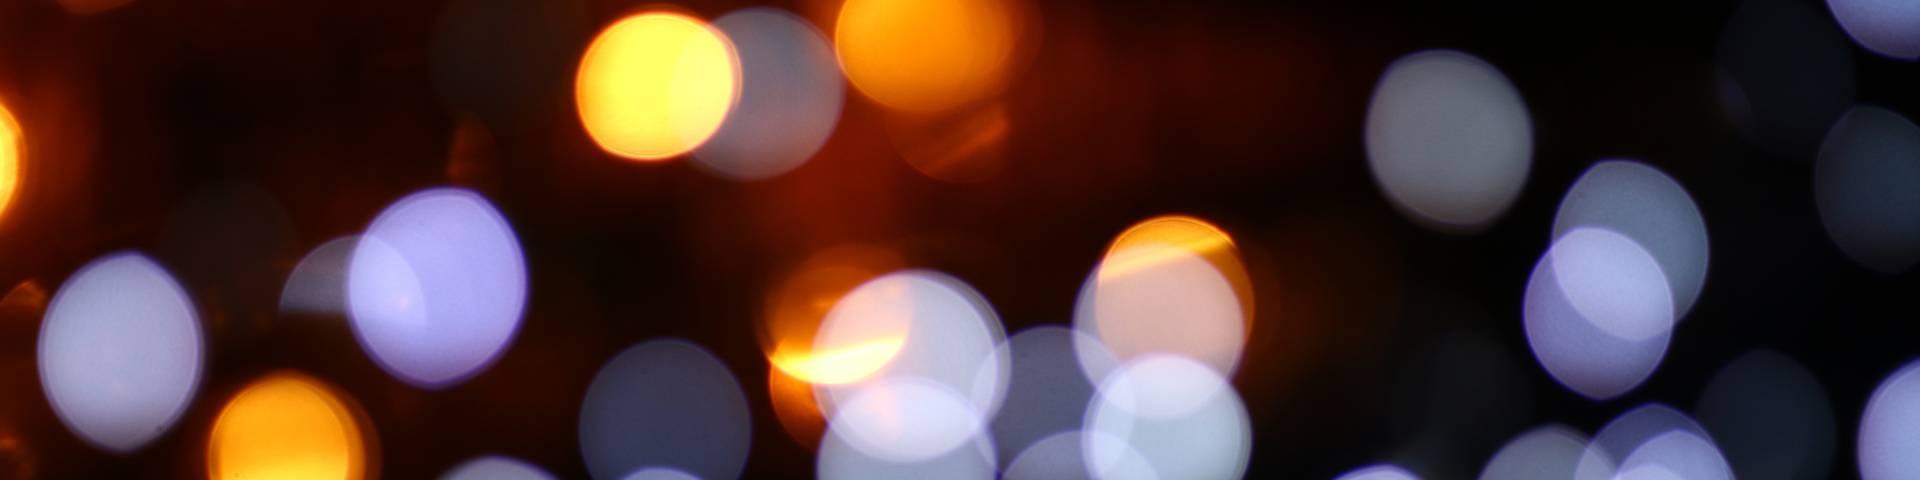 Lumières dans la pénombre